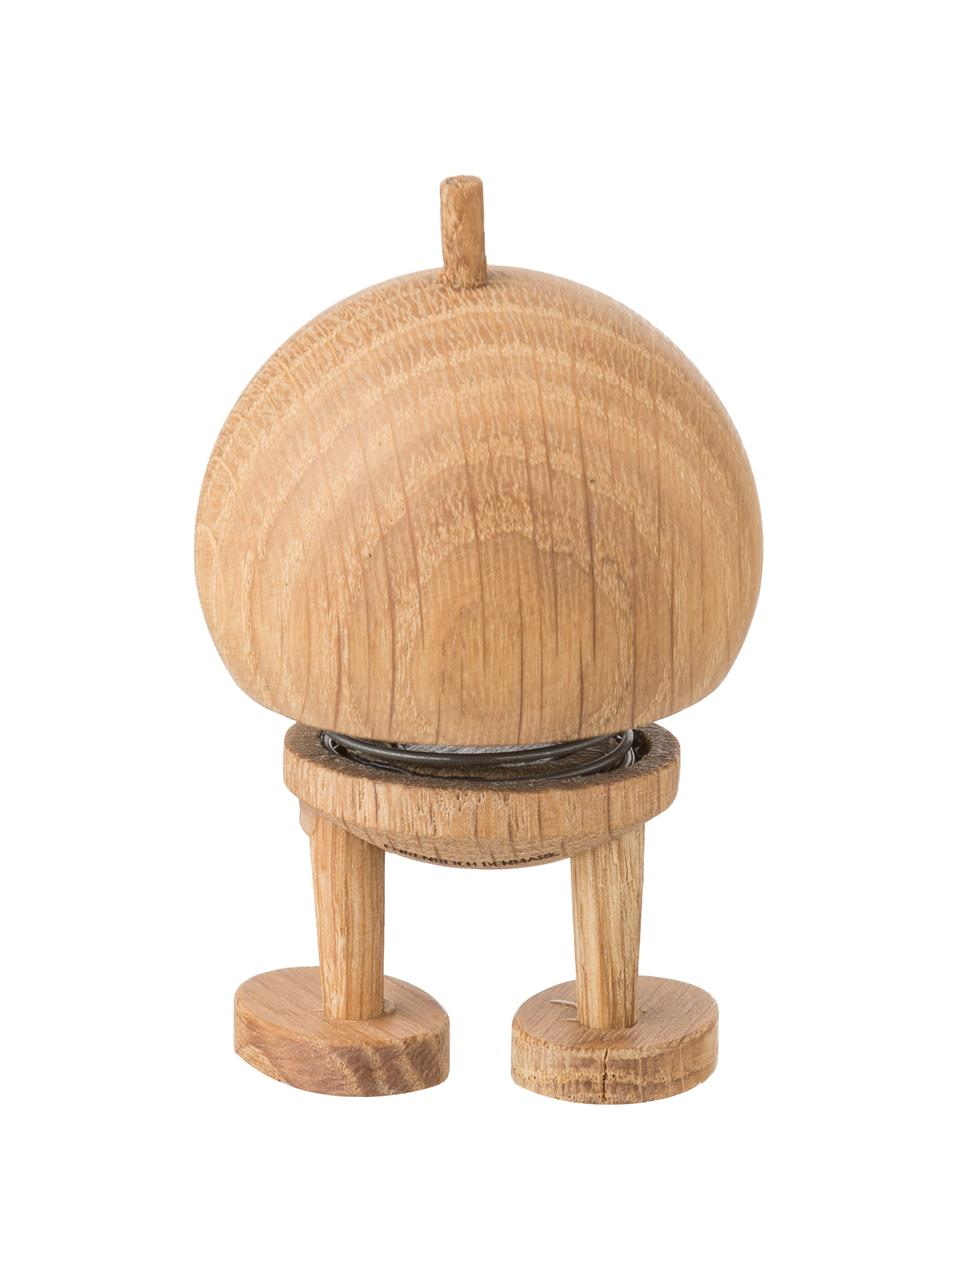 Deko-Objekt Baby Woody Bumble, Korpus: Eichenholz, Braun, Ø 5 x H 7 cm